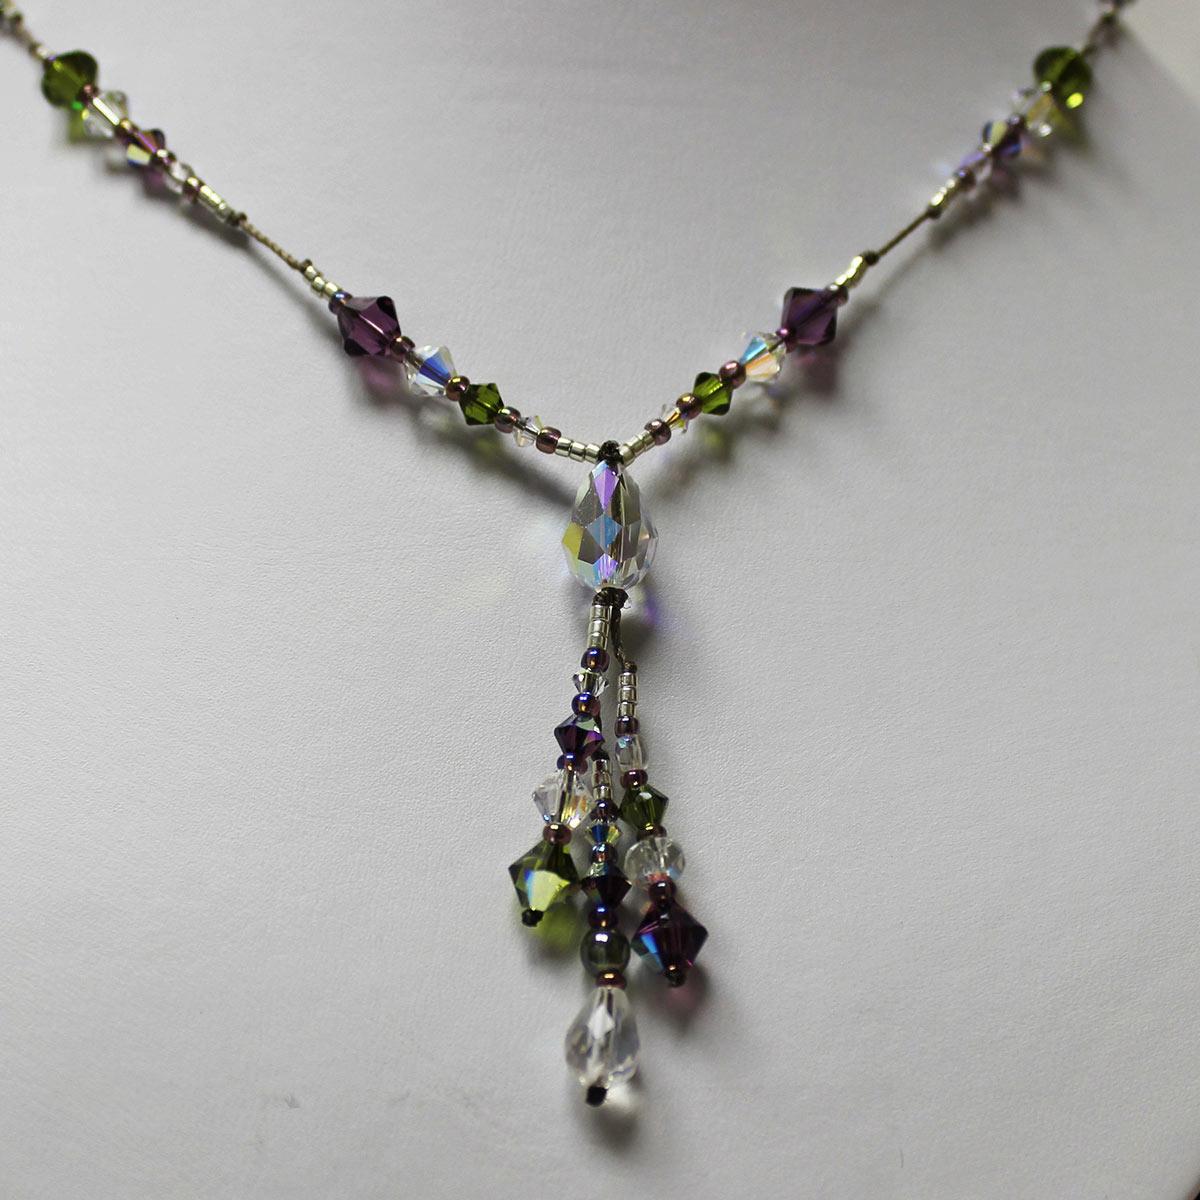 unique crystal necklace, Swarvoski teardrop bead, 3 drop necklace, everyday Swarvoski necklace